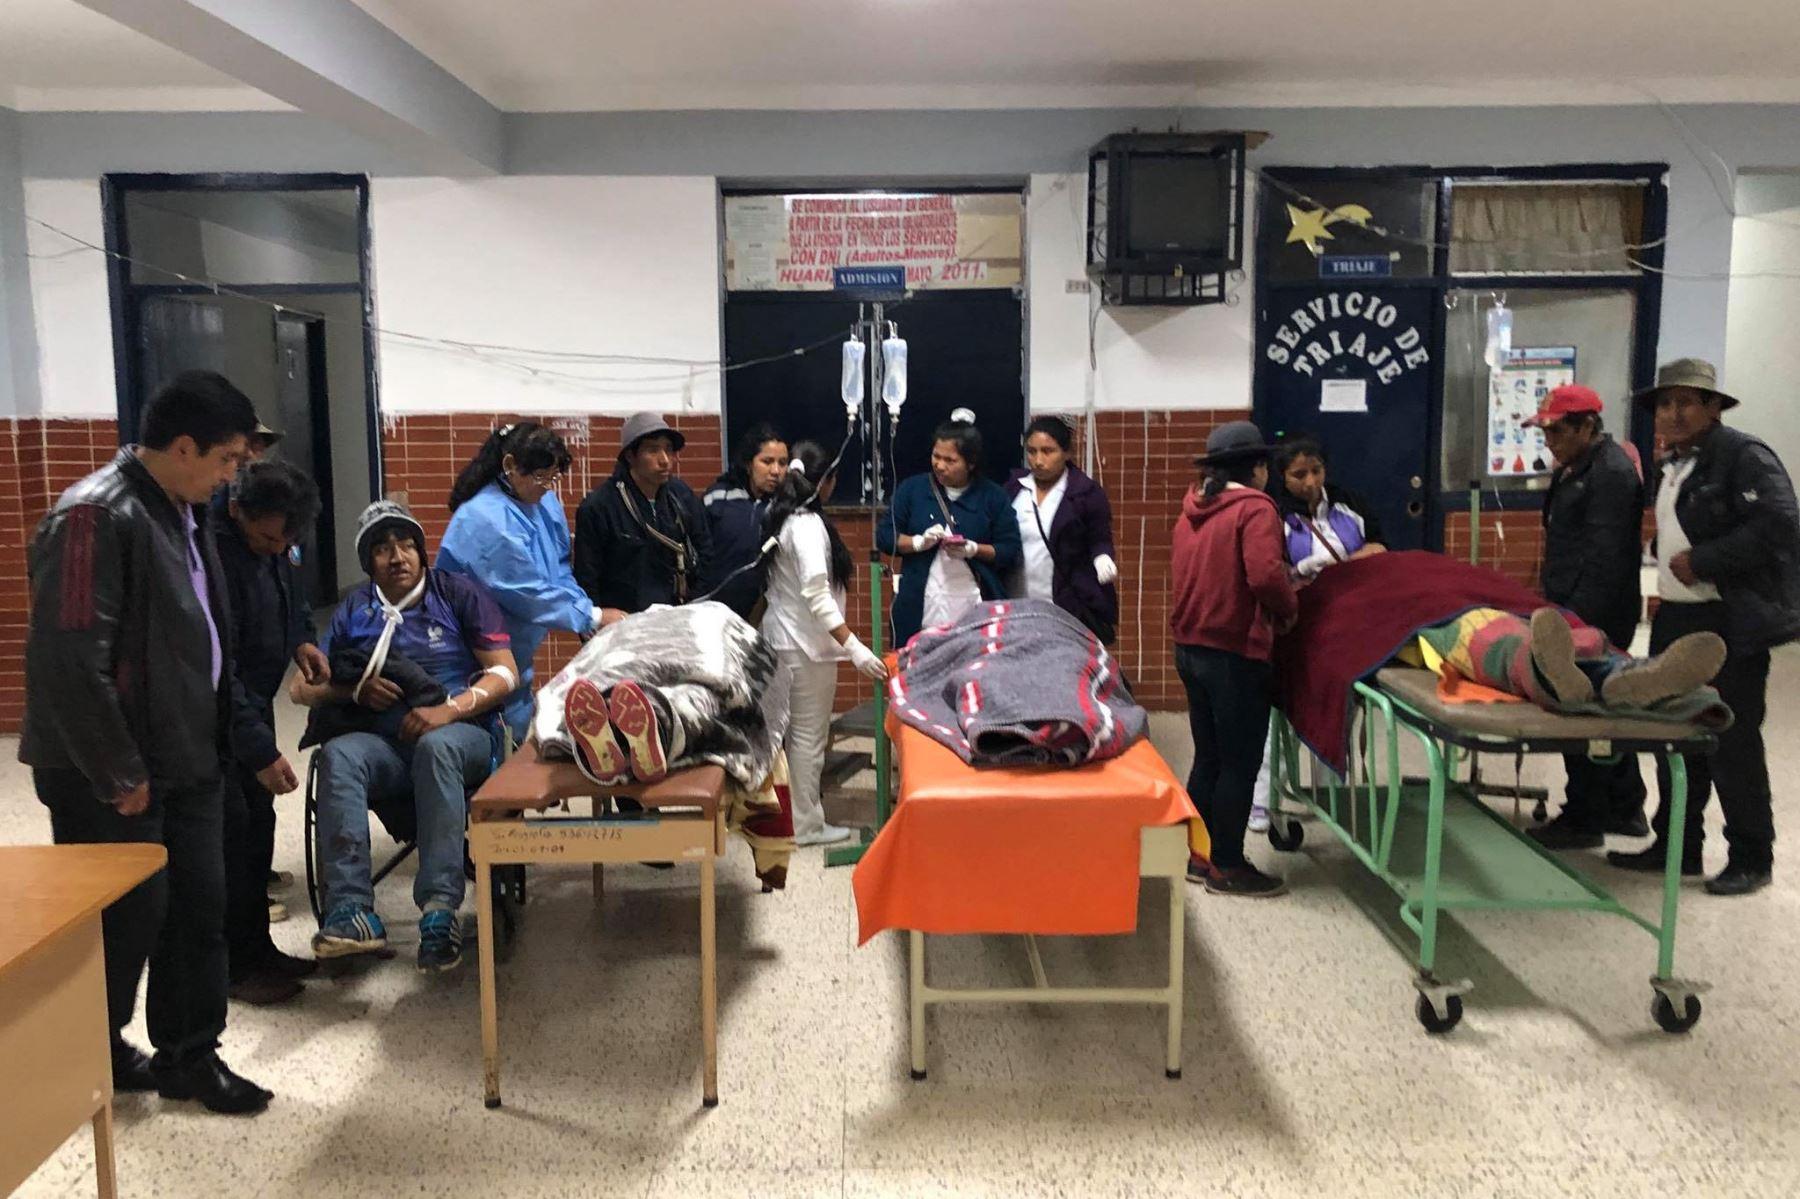 ANDINA/DifusiónUn muerto y 36 heridos deja el despiste de bus interprovincial en carretera de penetración ubicada en la provincia del Santa, en Áncash. ANDINA/Difusión